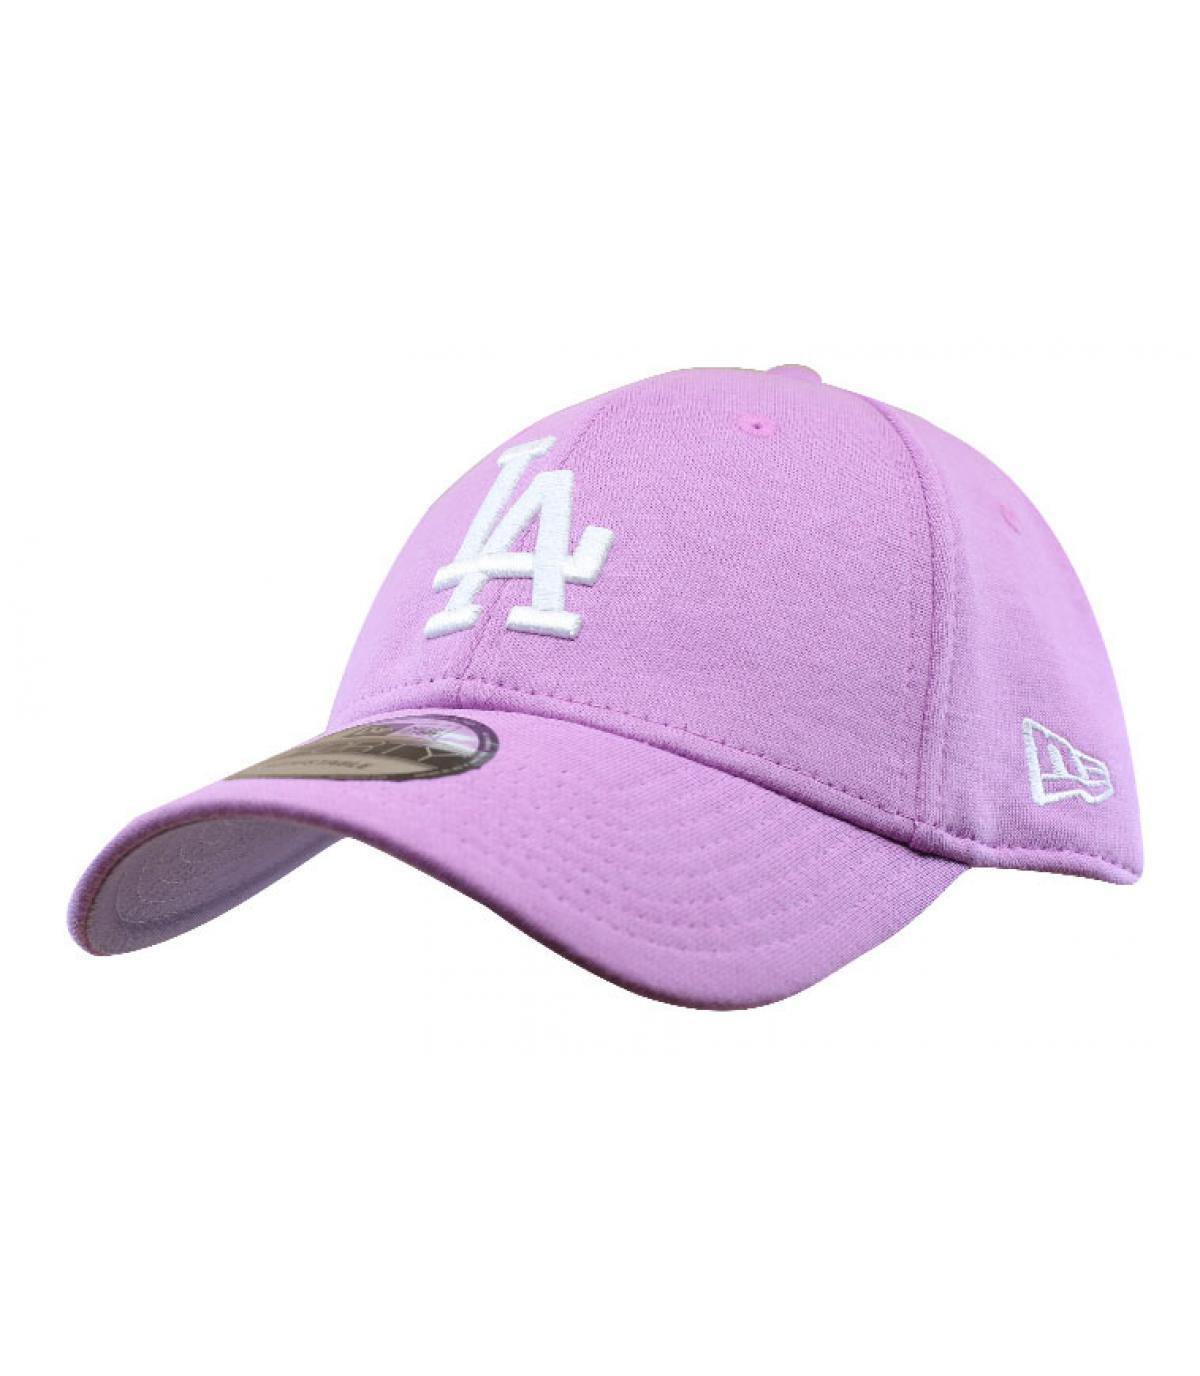 pink LA cap